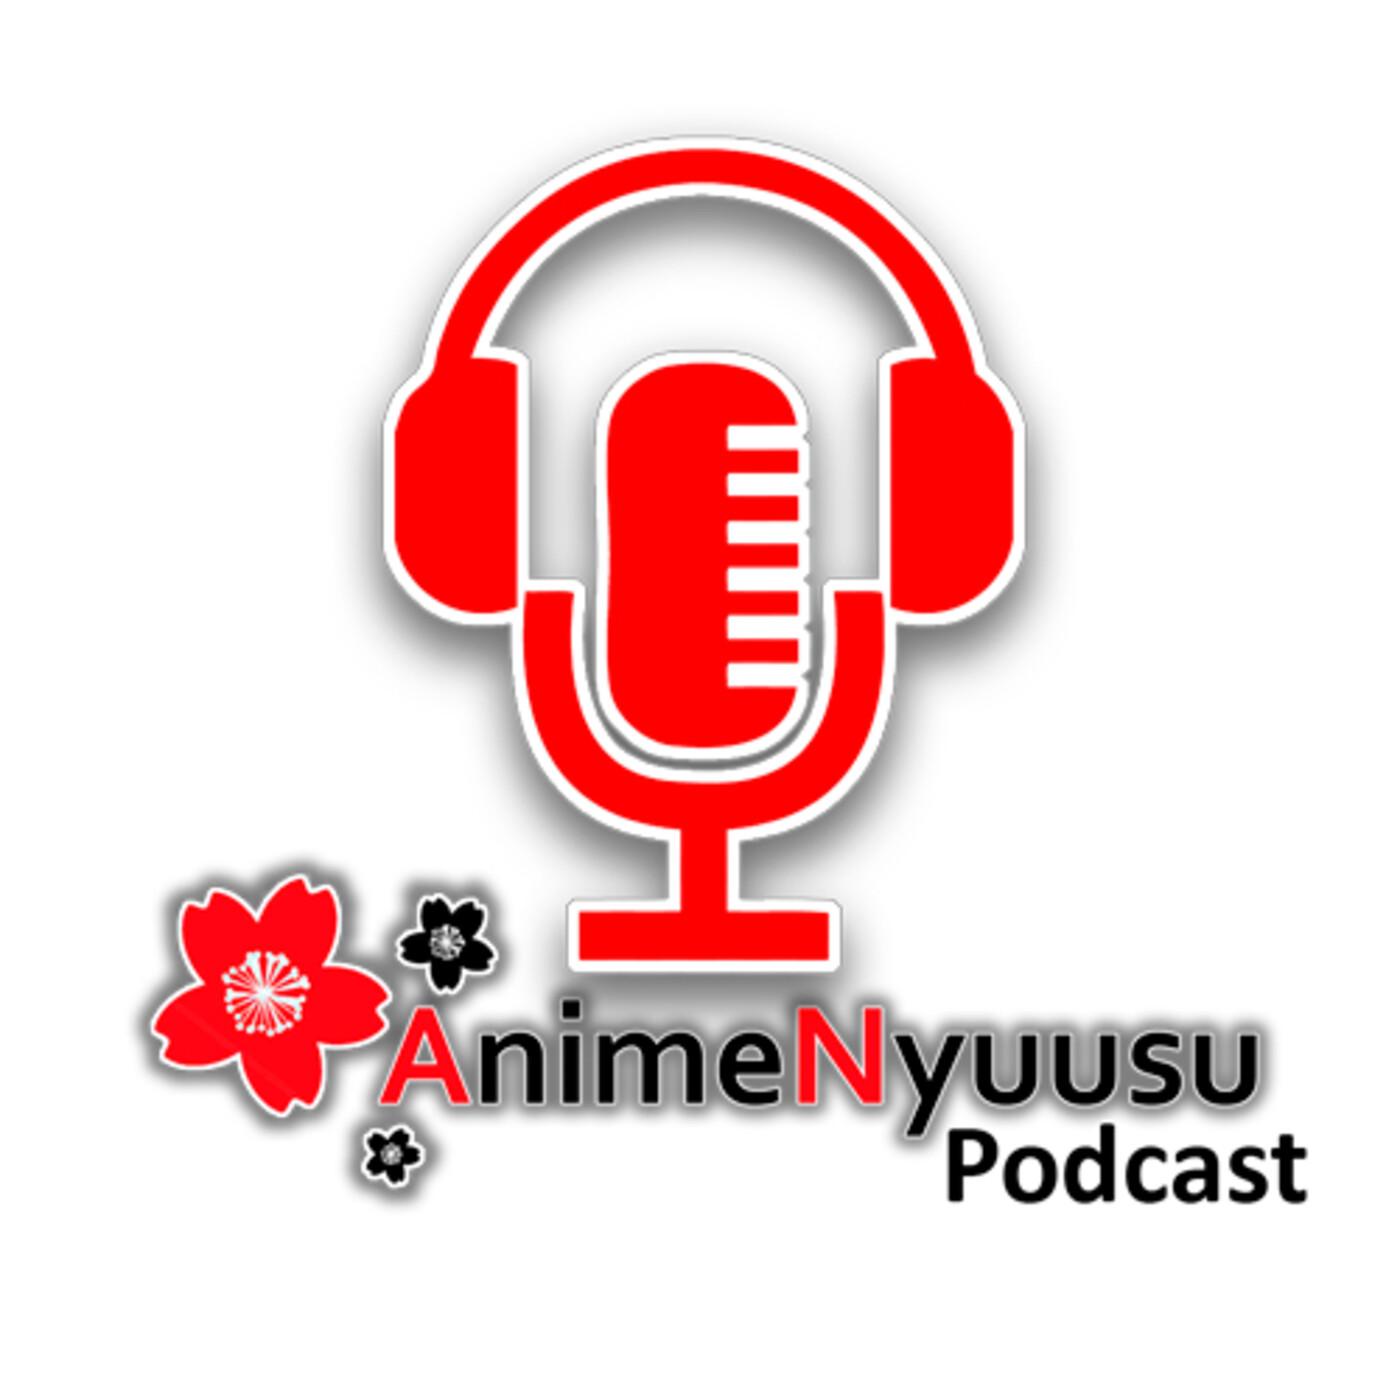 Solo el rincón del friky - Podcast 1